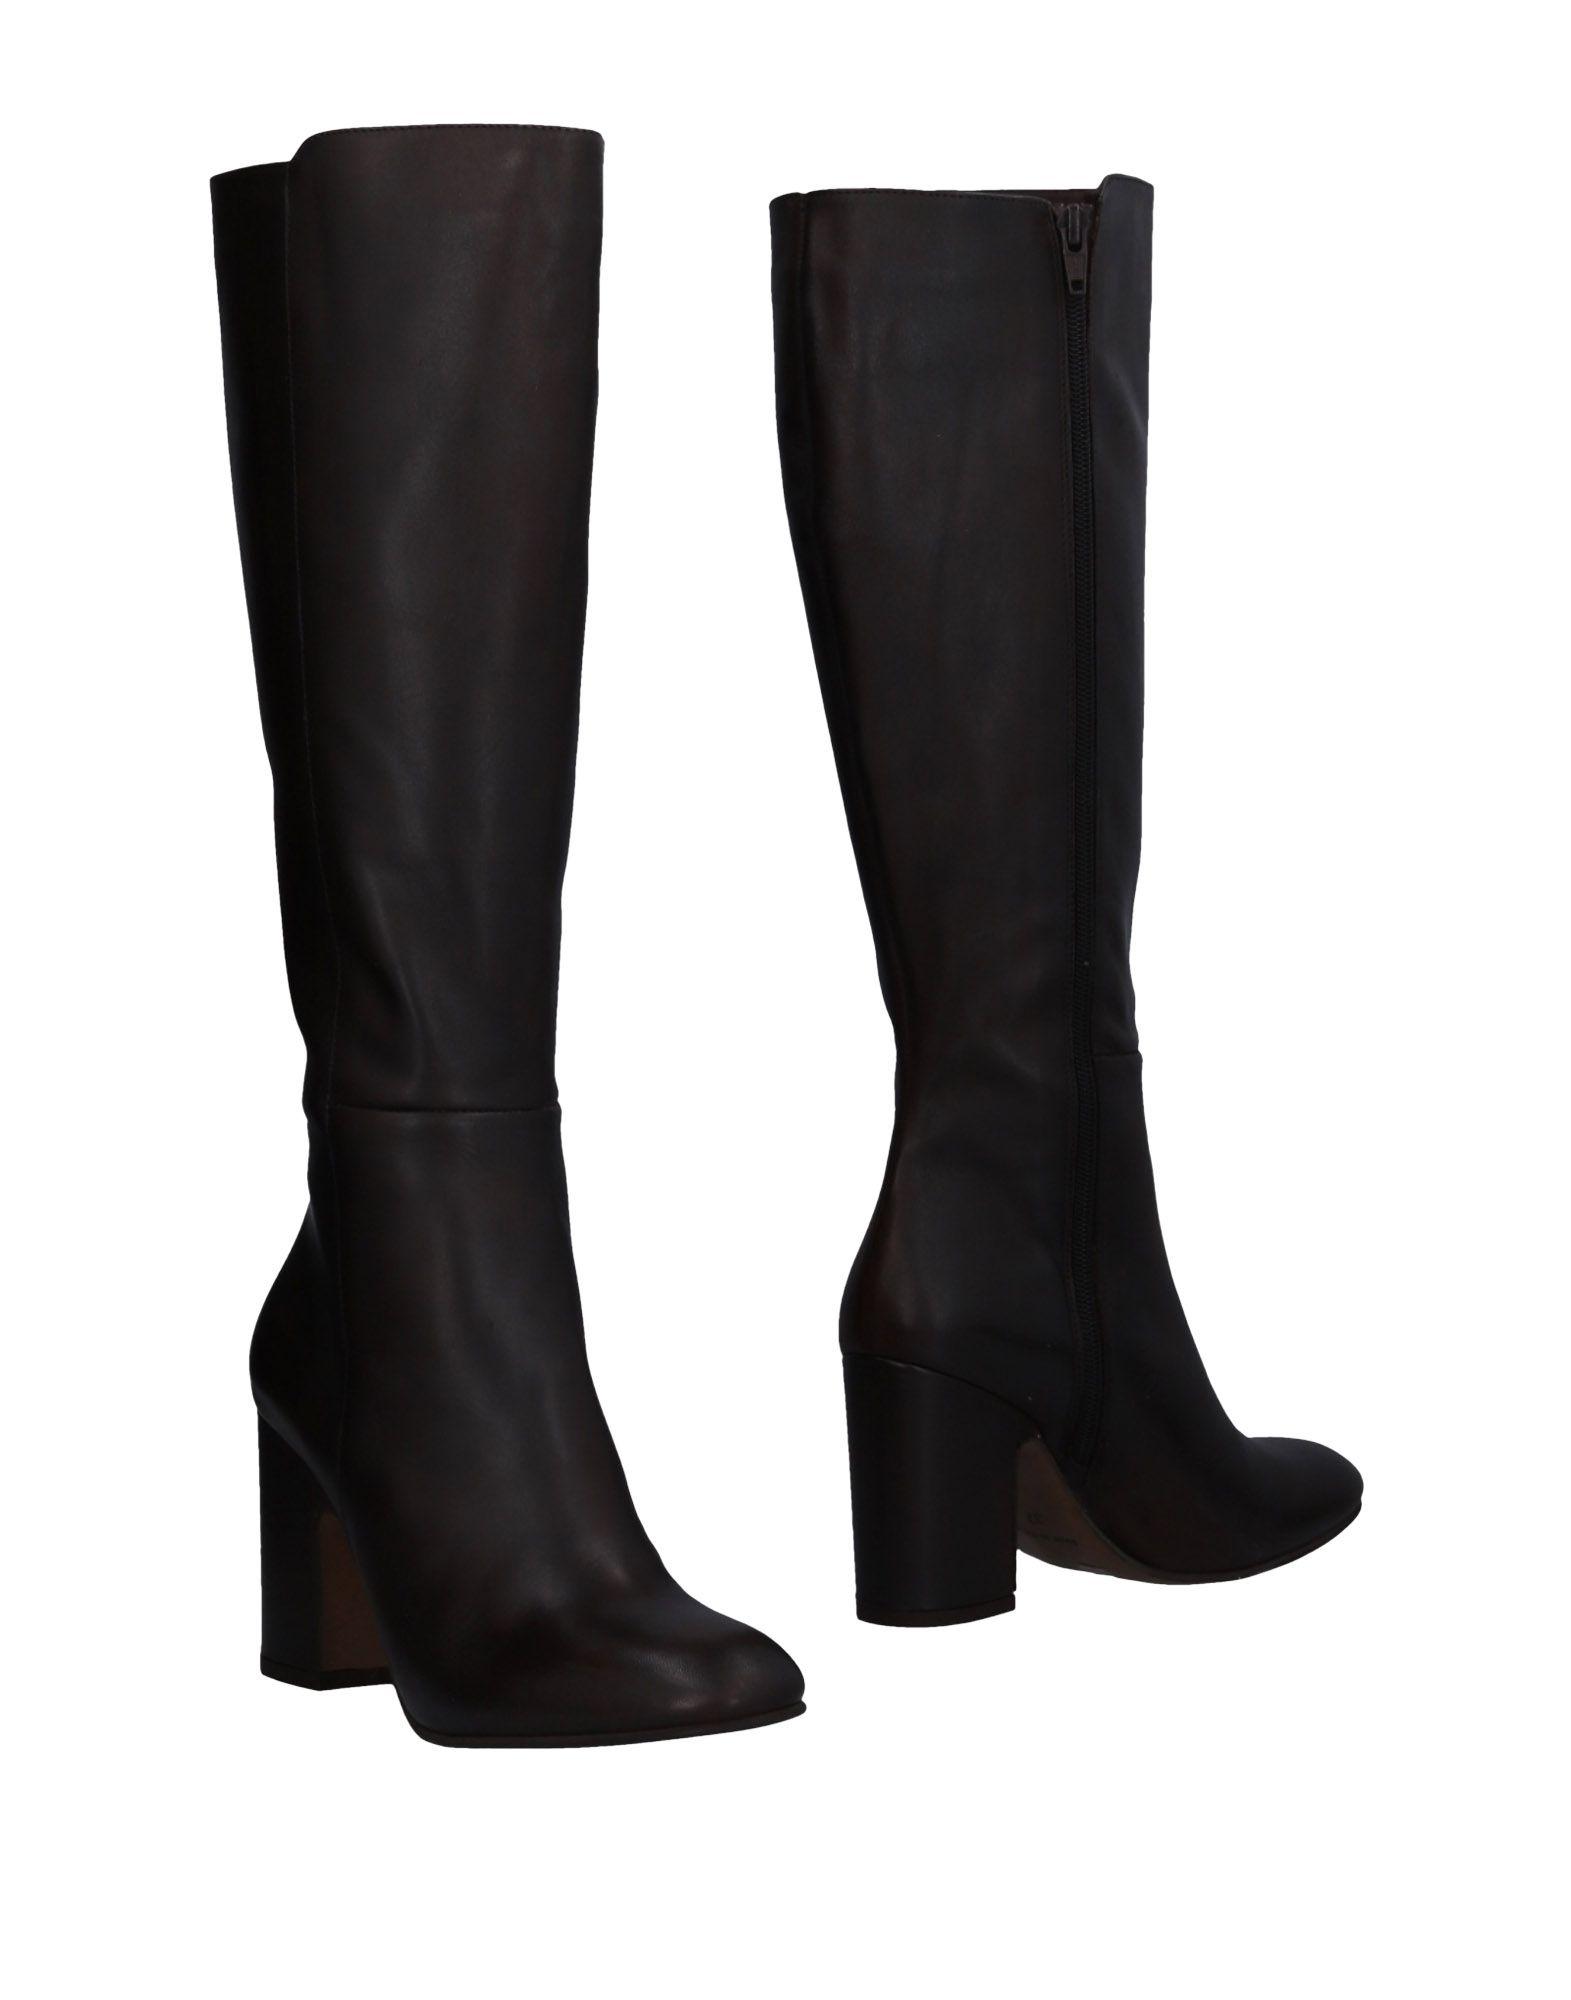 Billig-5400,Nila Gutes & Nila Stiefel Damen Gutes Billig-5400,Nila Preis-Leistungs-Verhältnis, es lohnt sich 7f574d